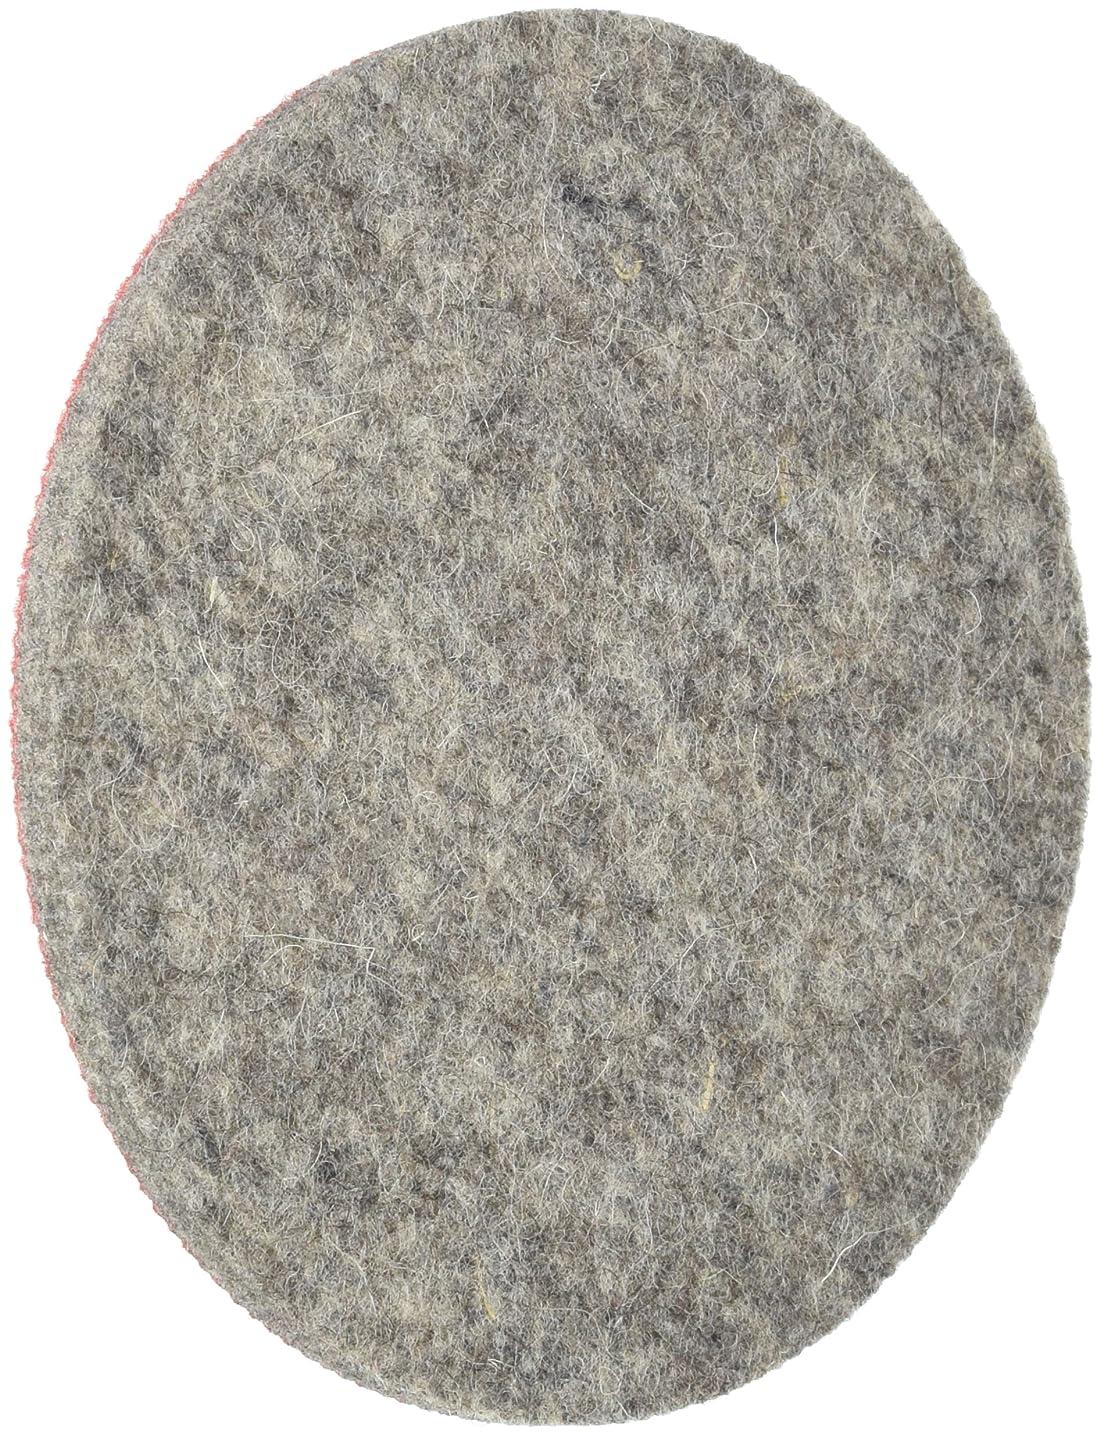 同化研磨該当するBOSCH(ボッシュ) ポリシングフェルト125mmφ 2608613009